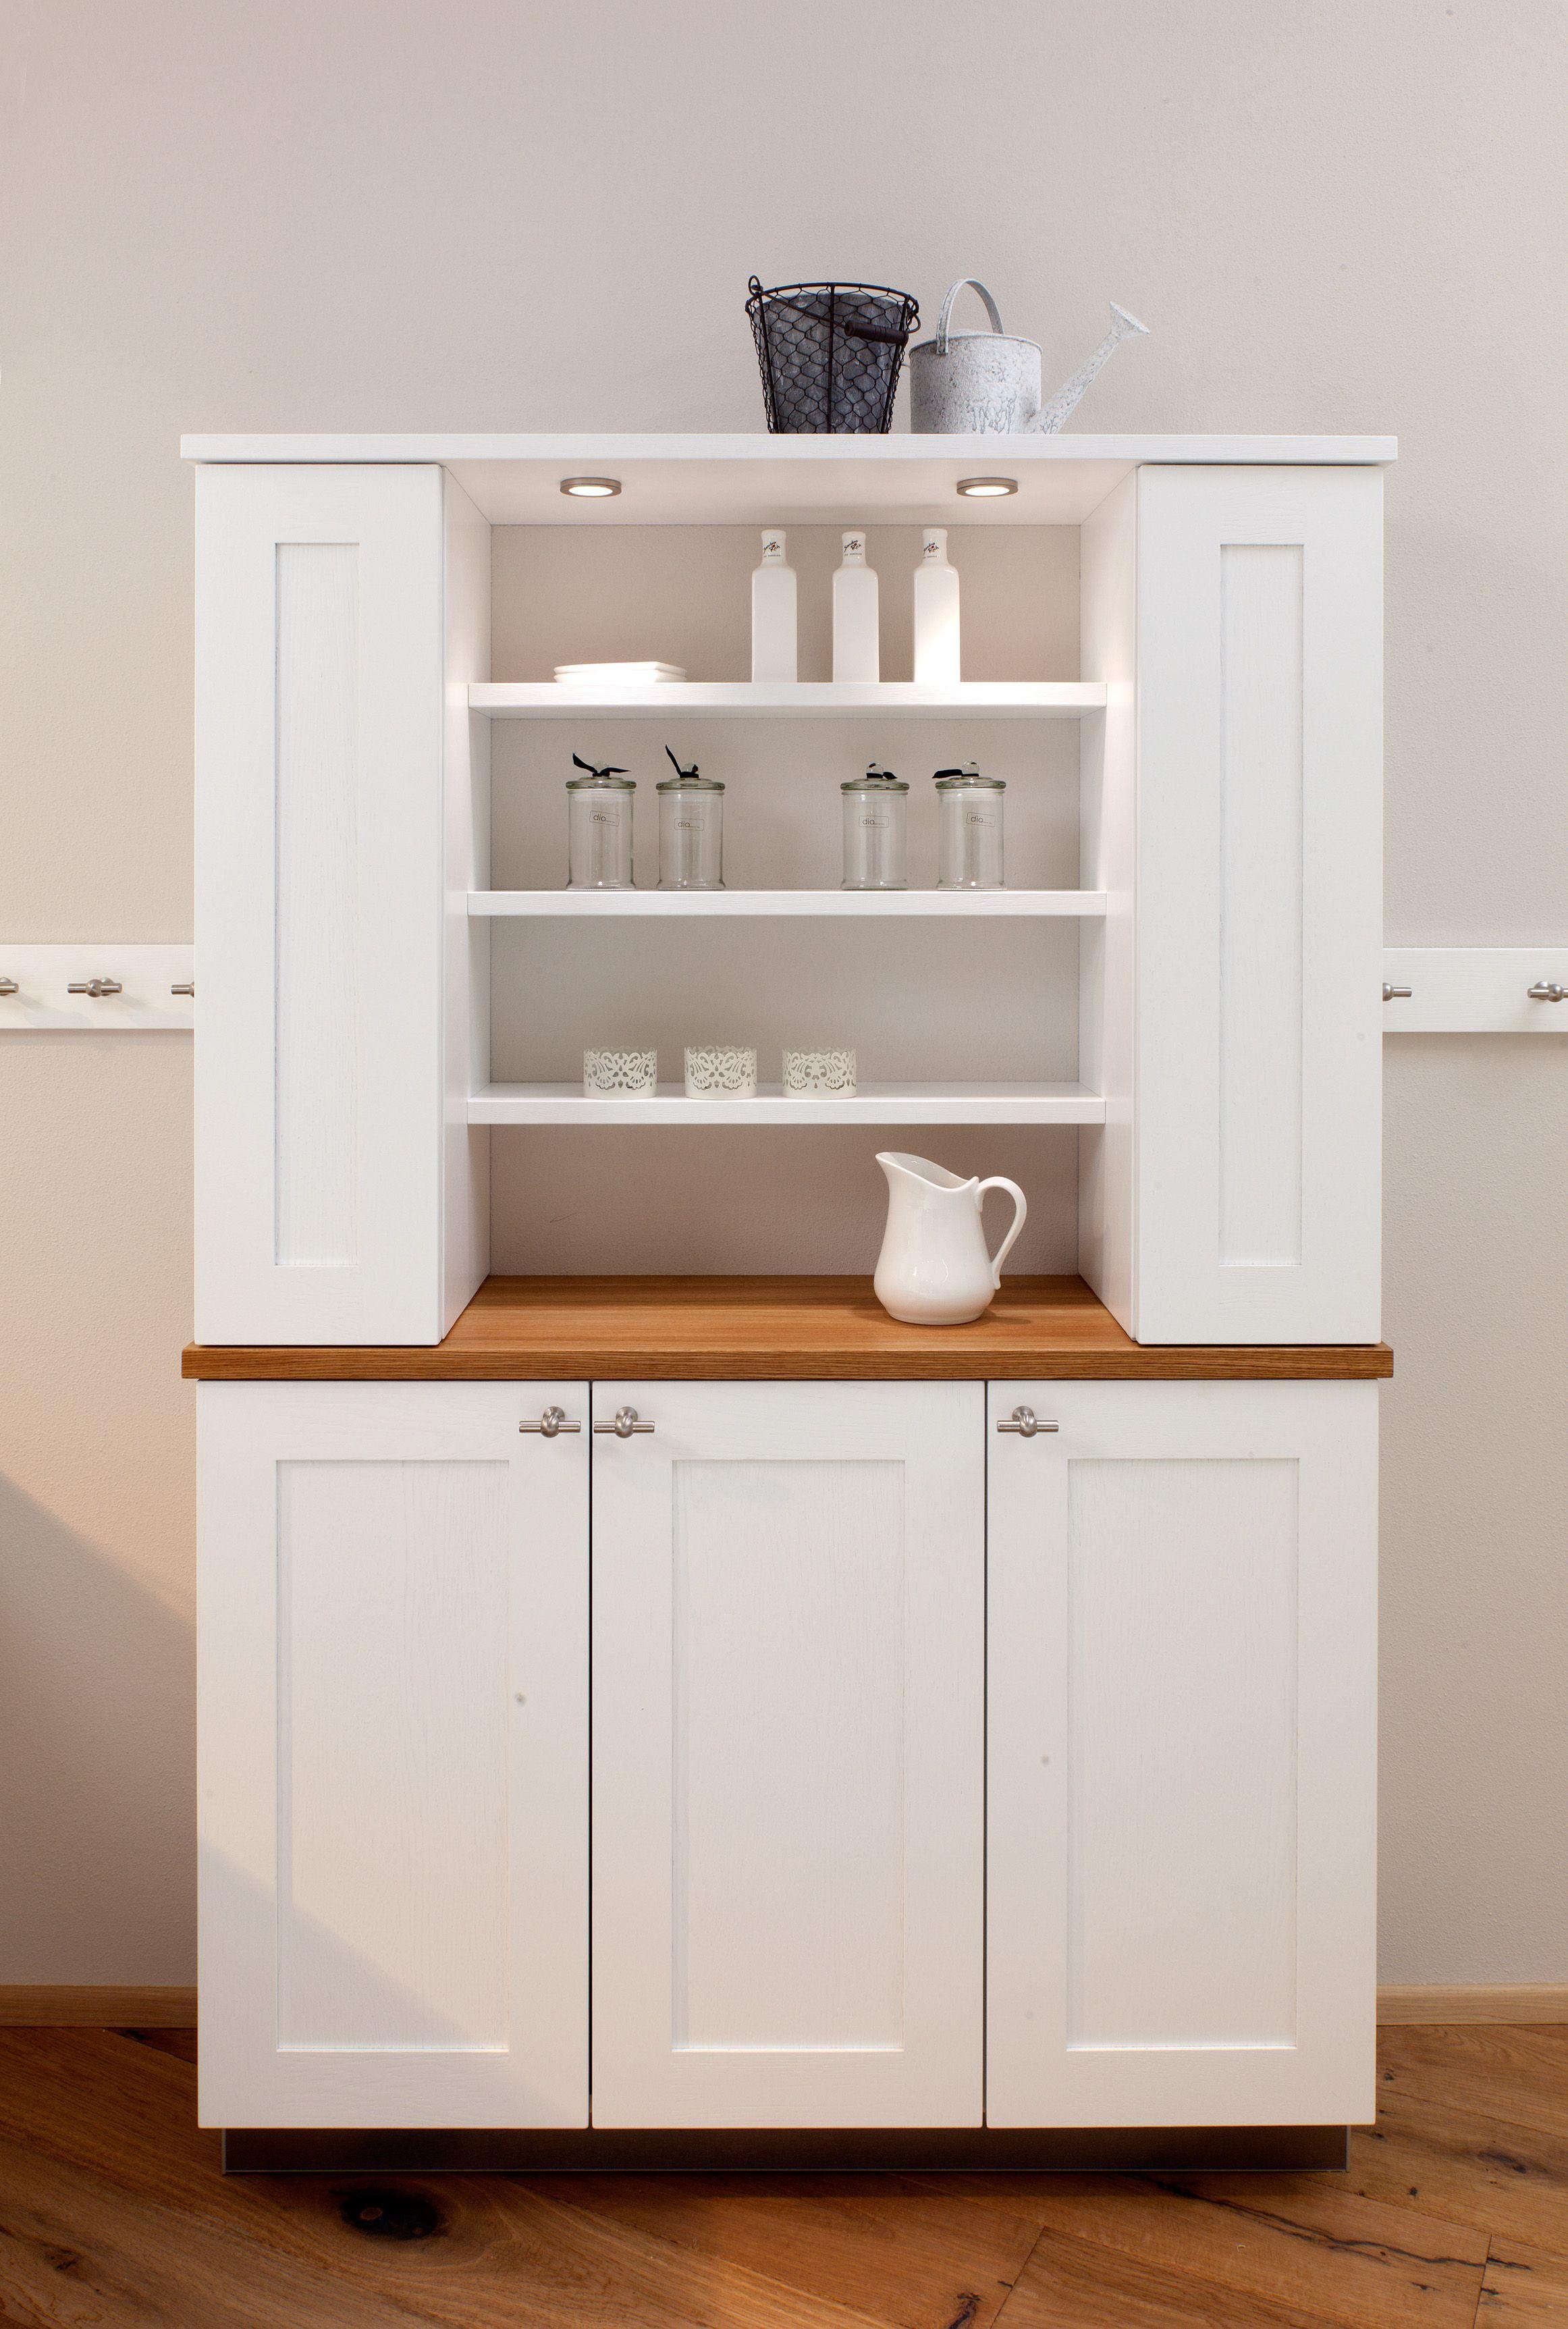 Rempp Küchen rempp küchen country modular eiche kitchen küche